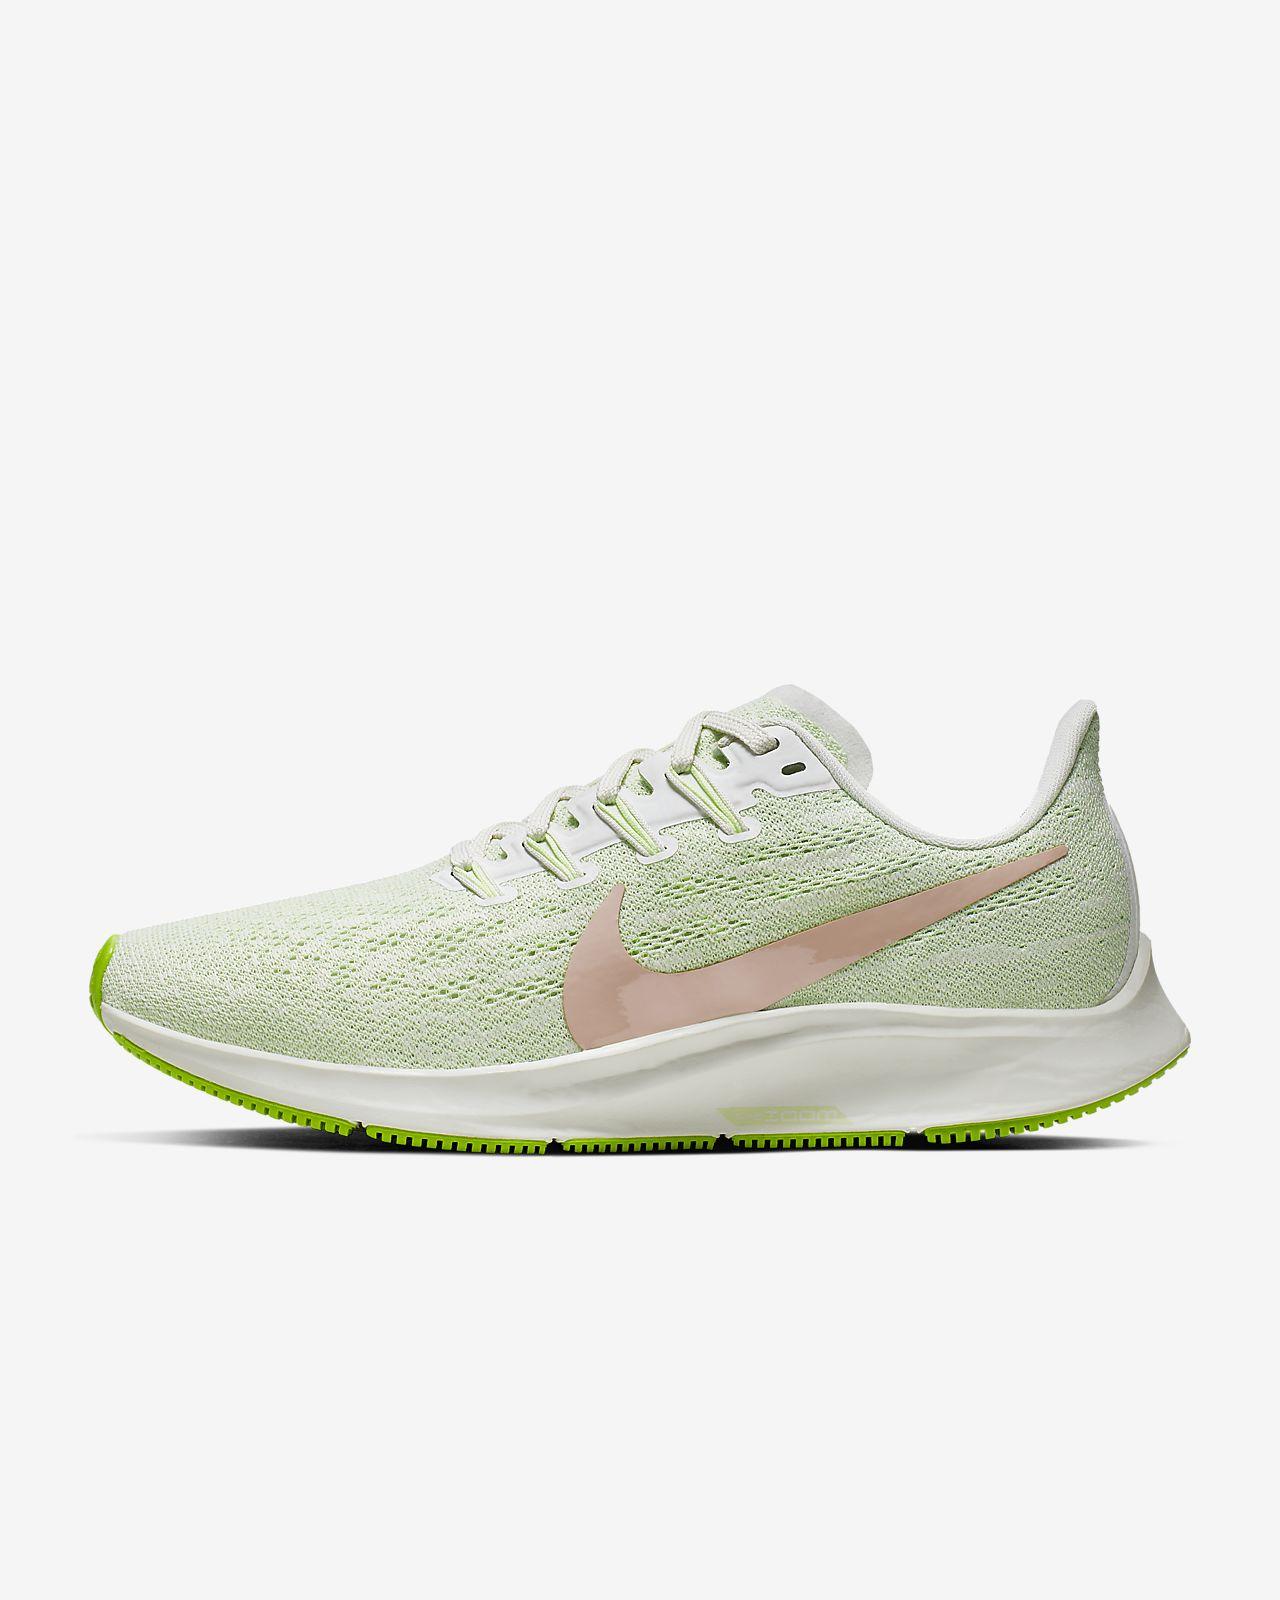 nouveau style c07ef a3702 Chaussure de running Nike Air Zoom Pegasus 36 pour Femme